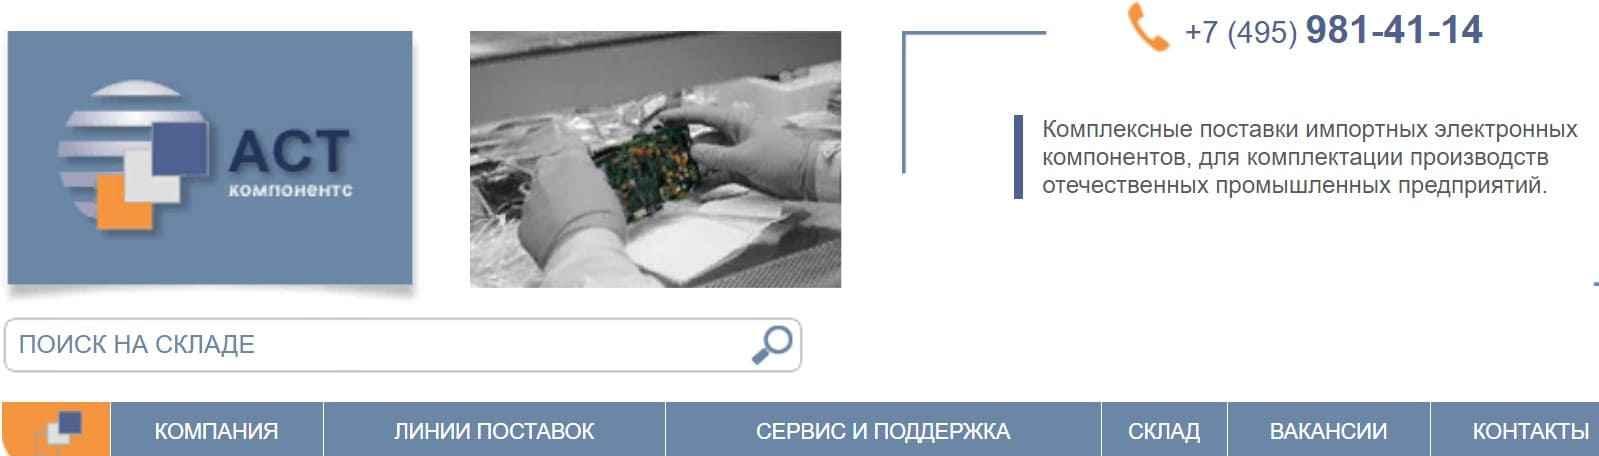 АСТ Компонентс сайт